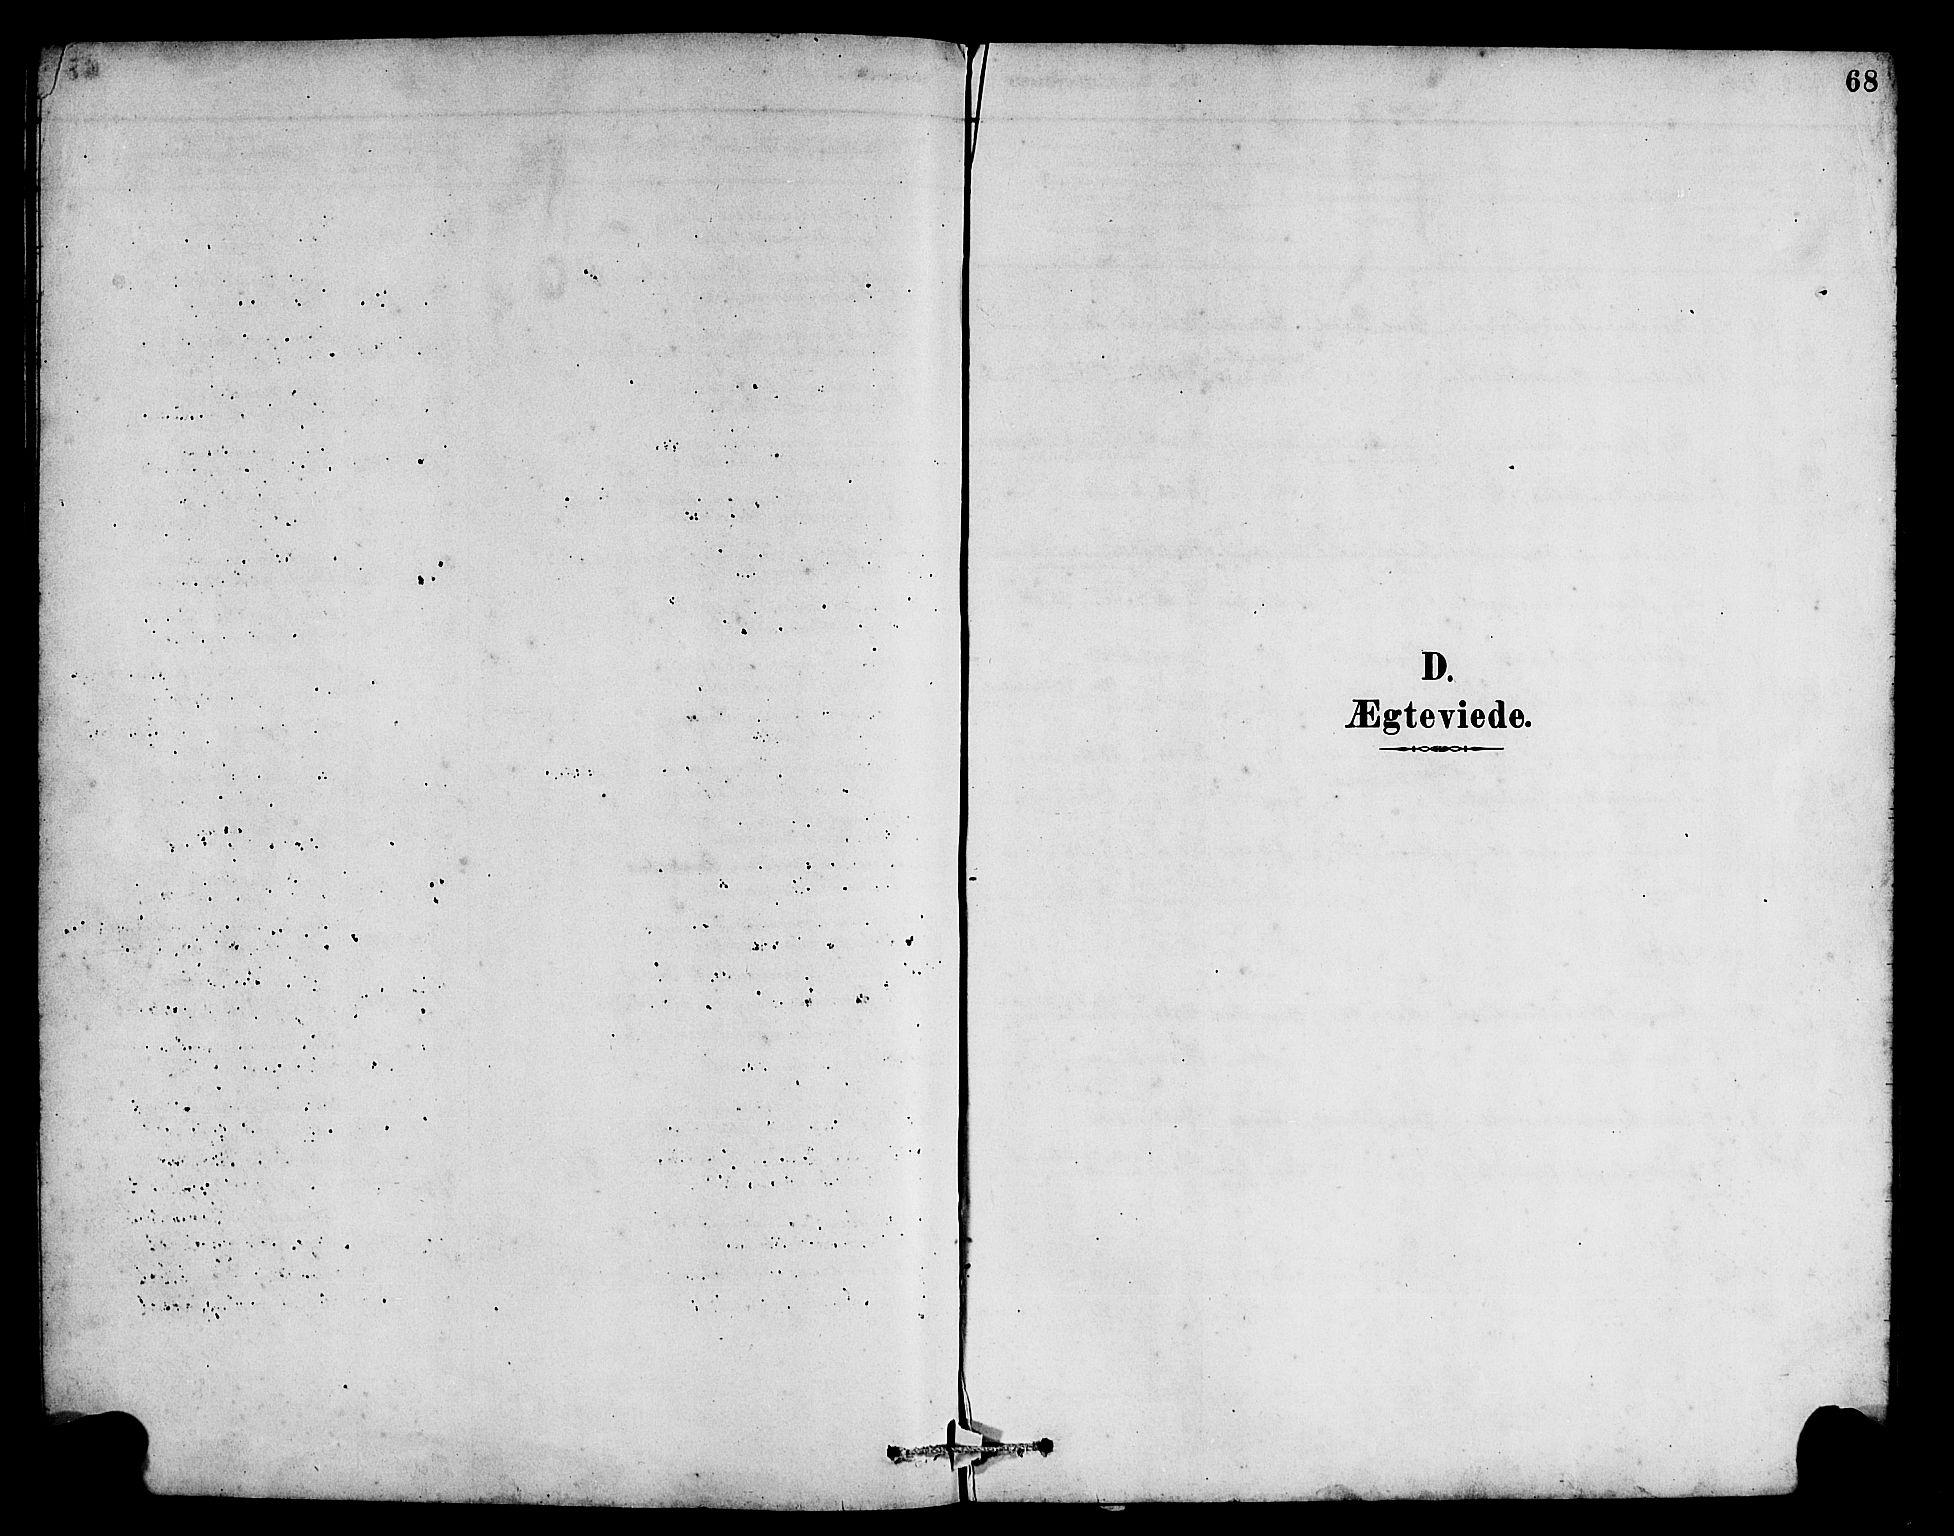 SAB, Hyllestad Sokneprestembete, Klokkerbok nr. B 2, 1889-1915, s. 68